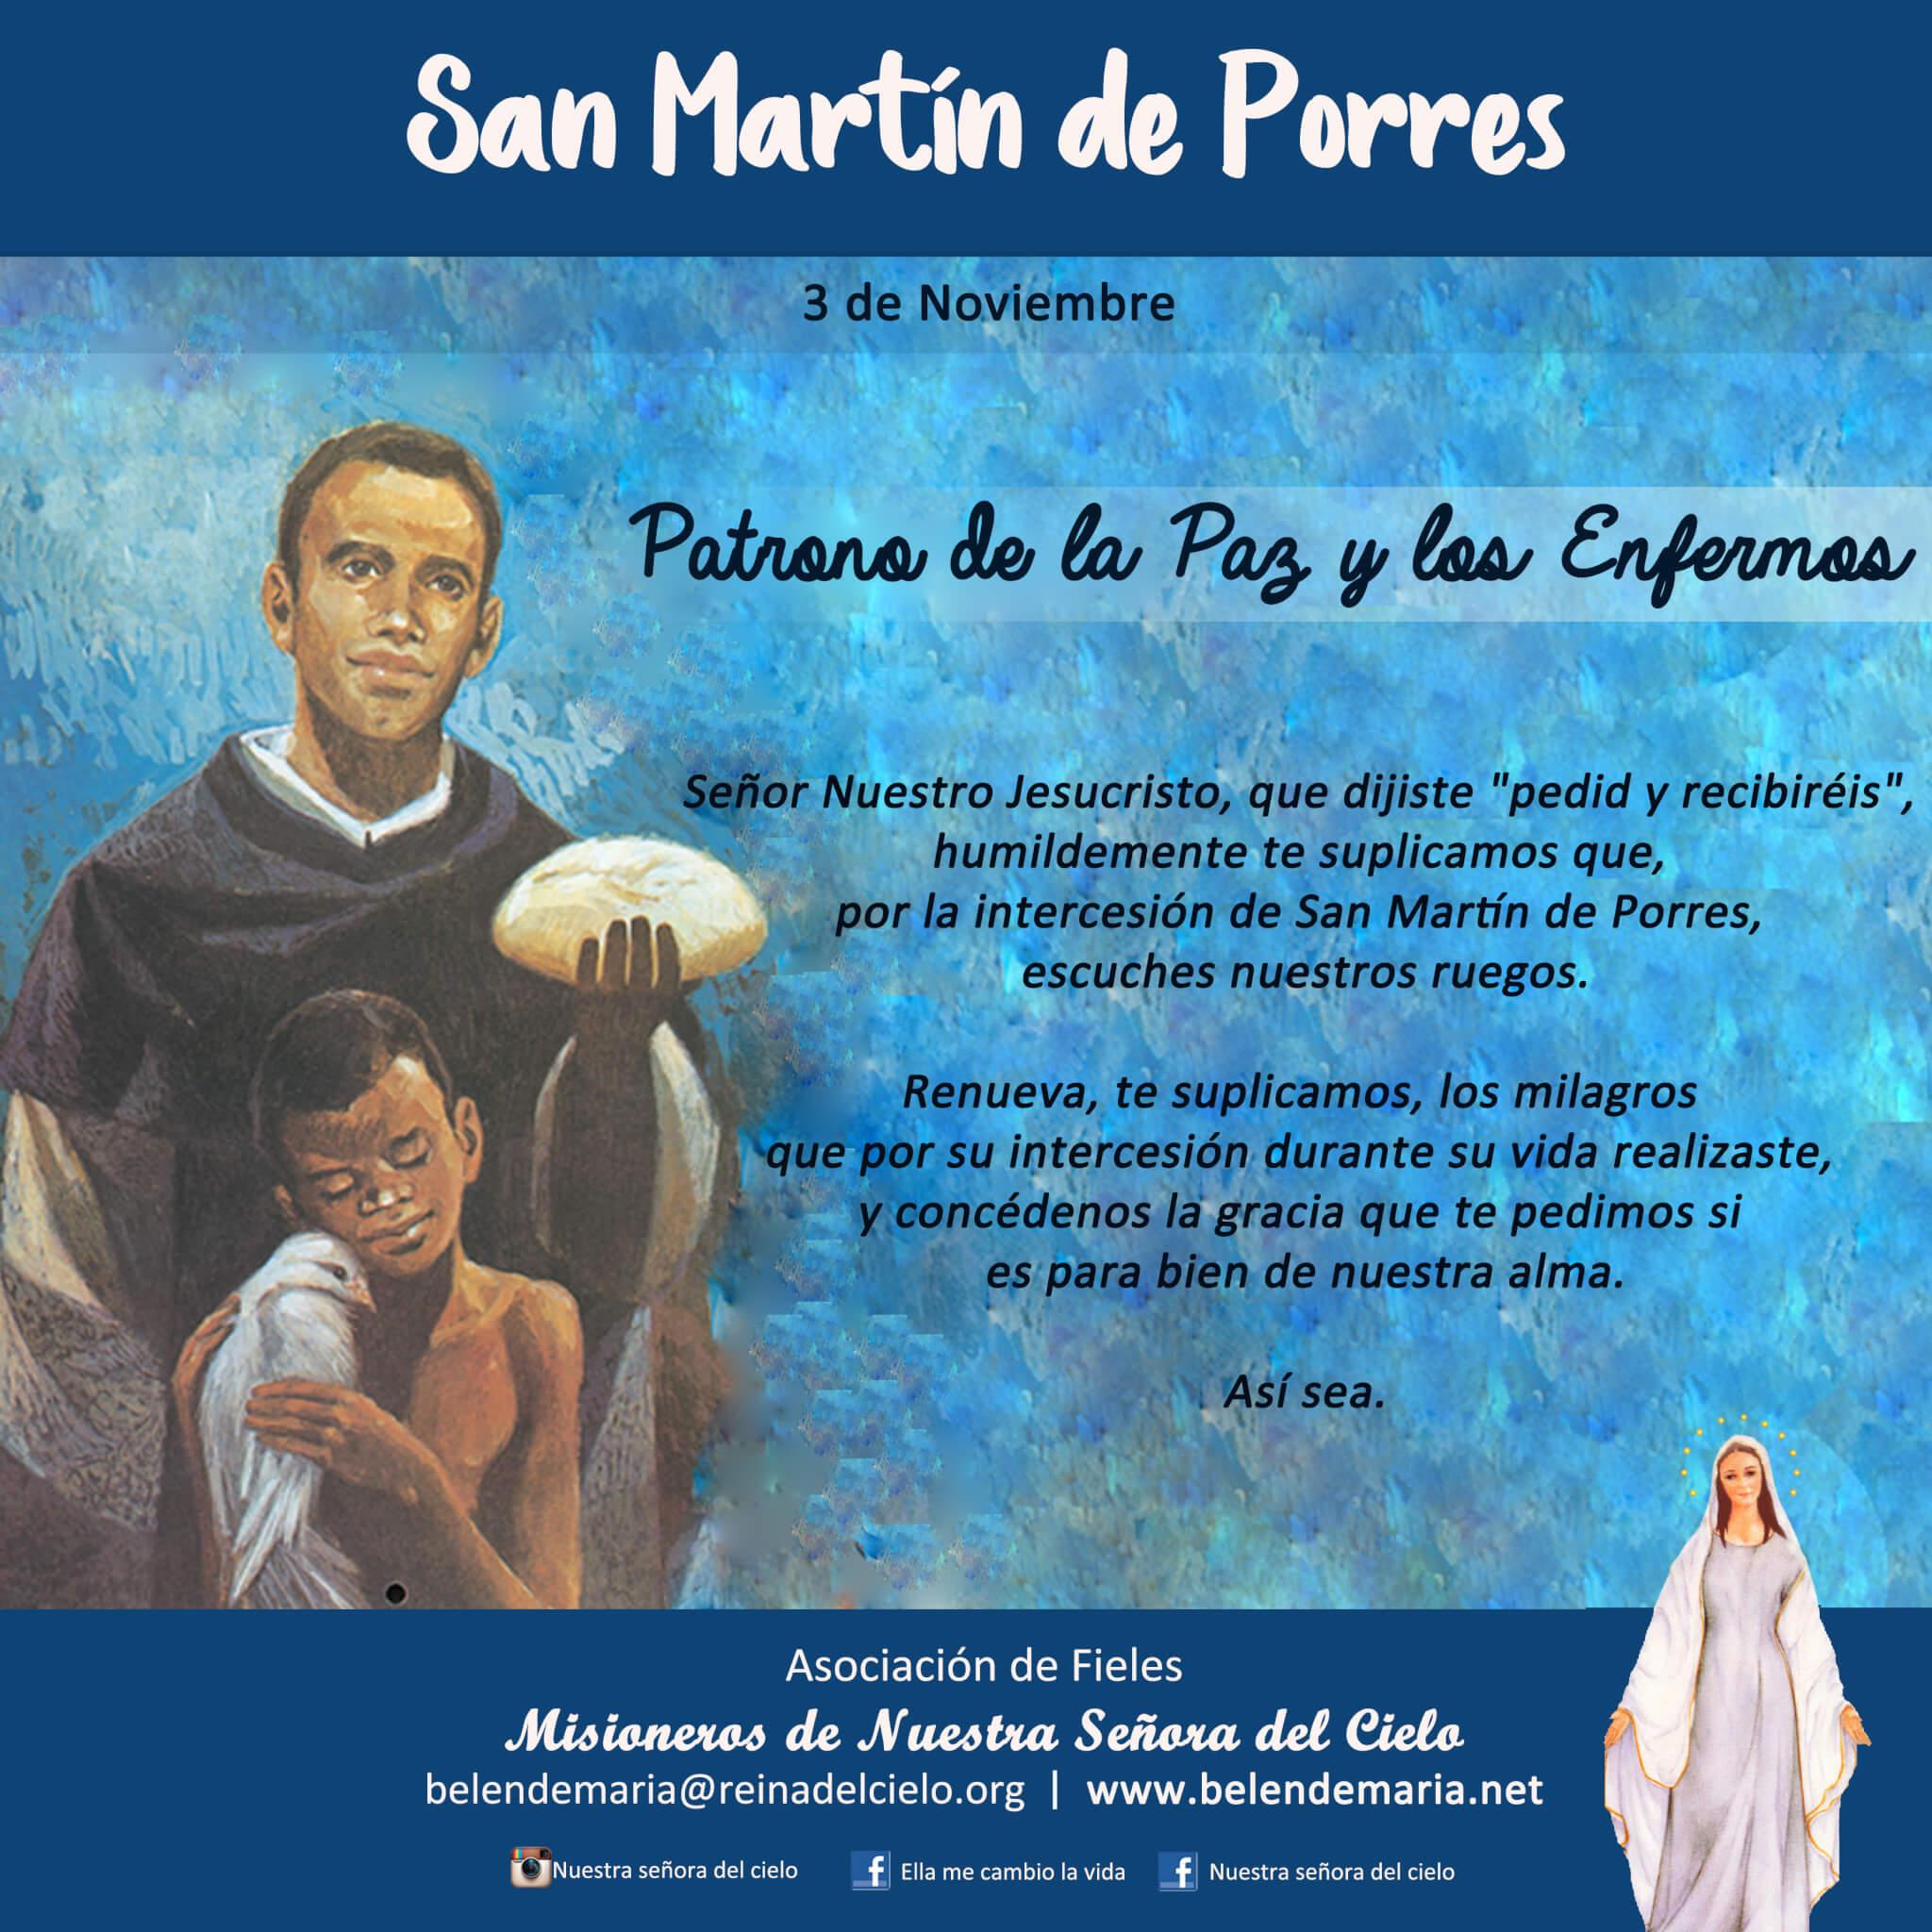 03 de Noviembre: San Martin de Porres